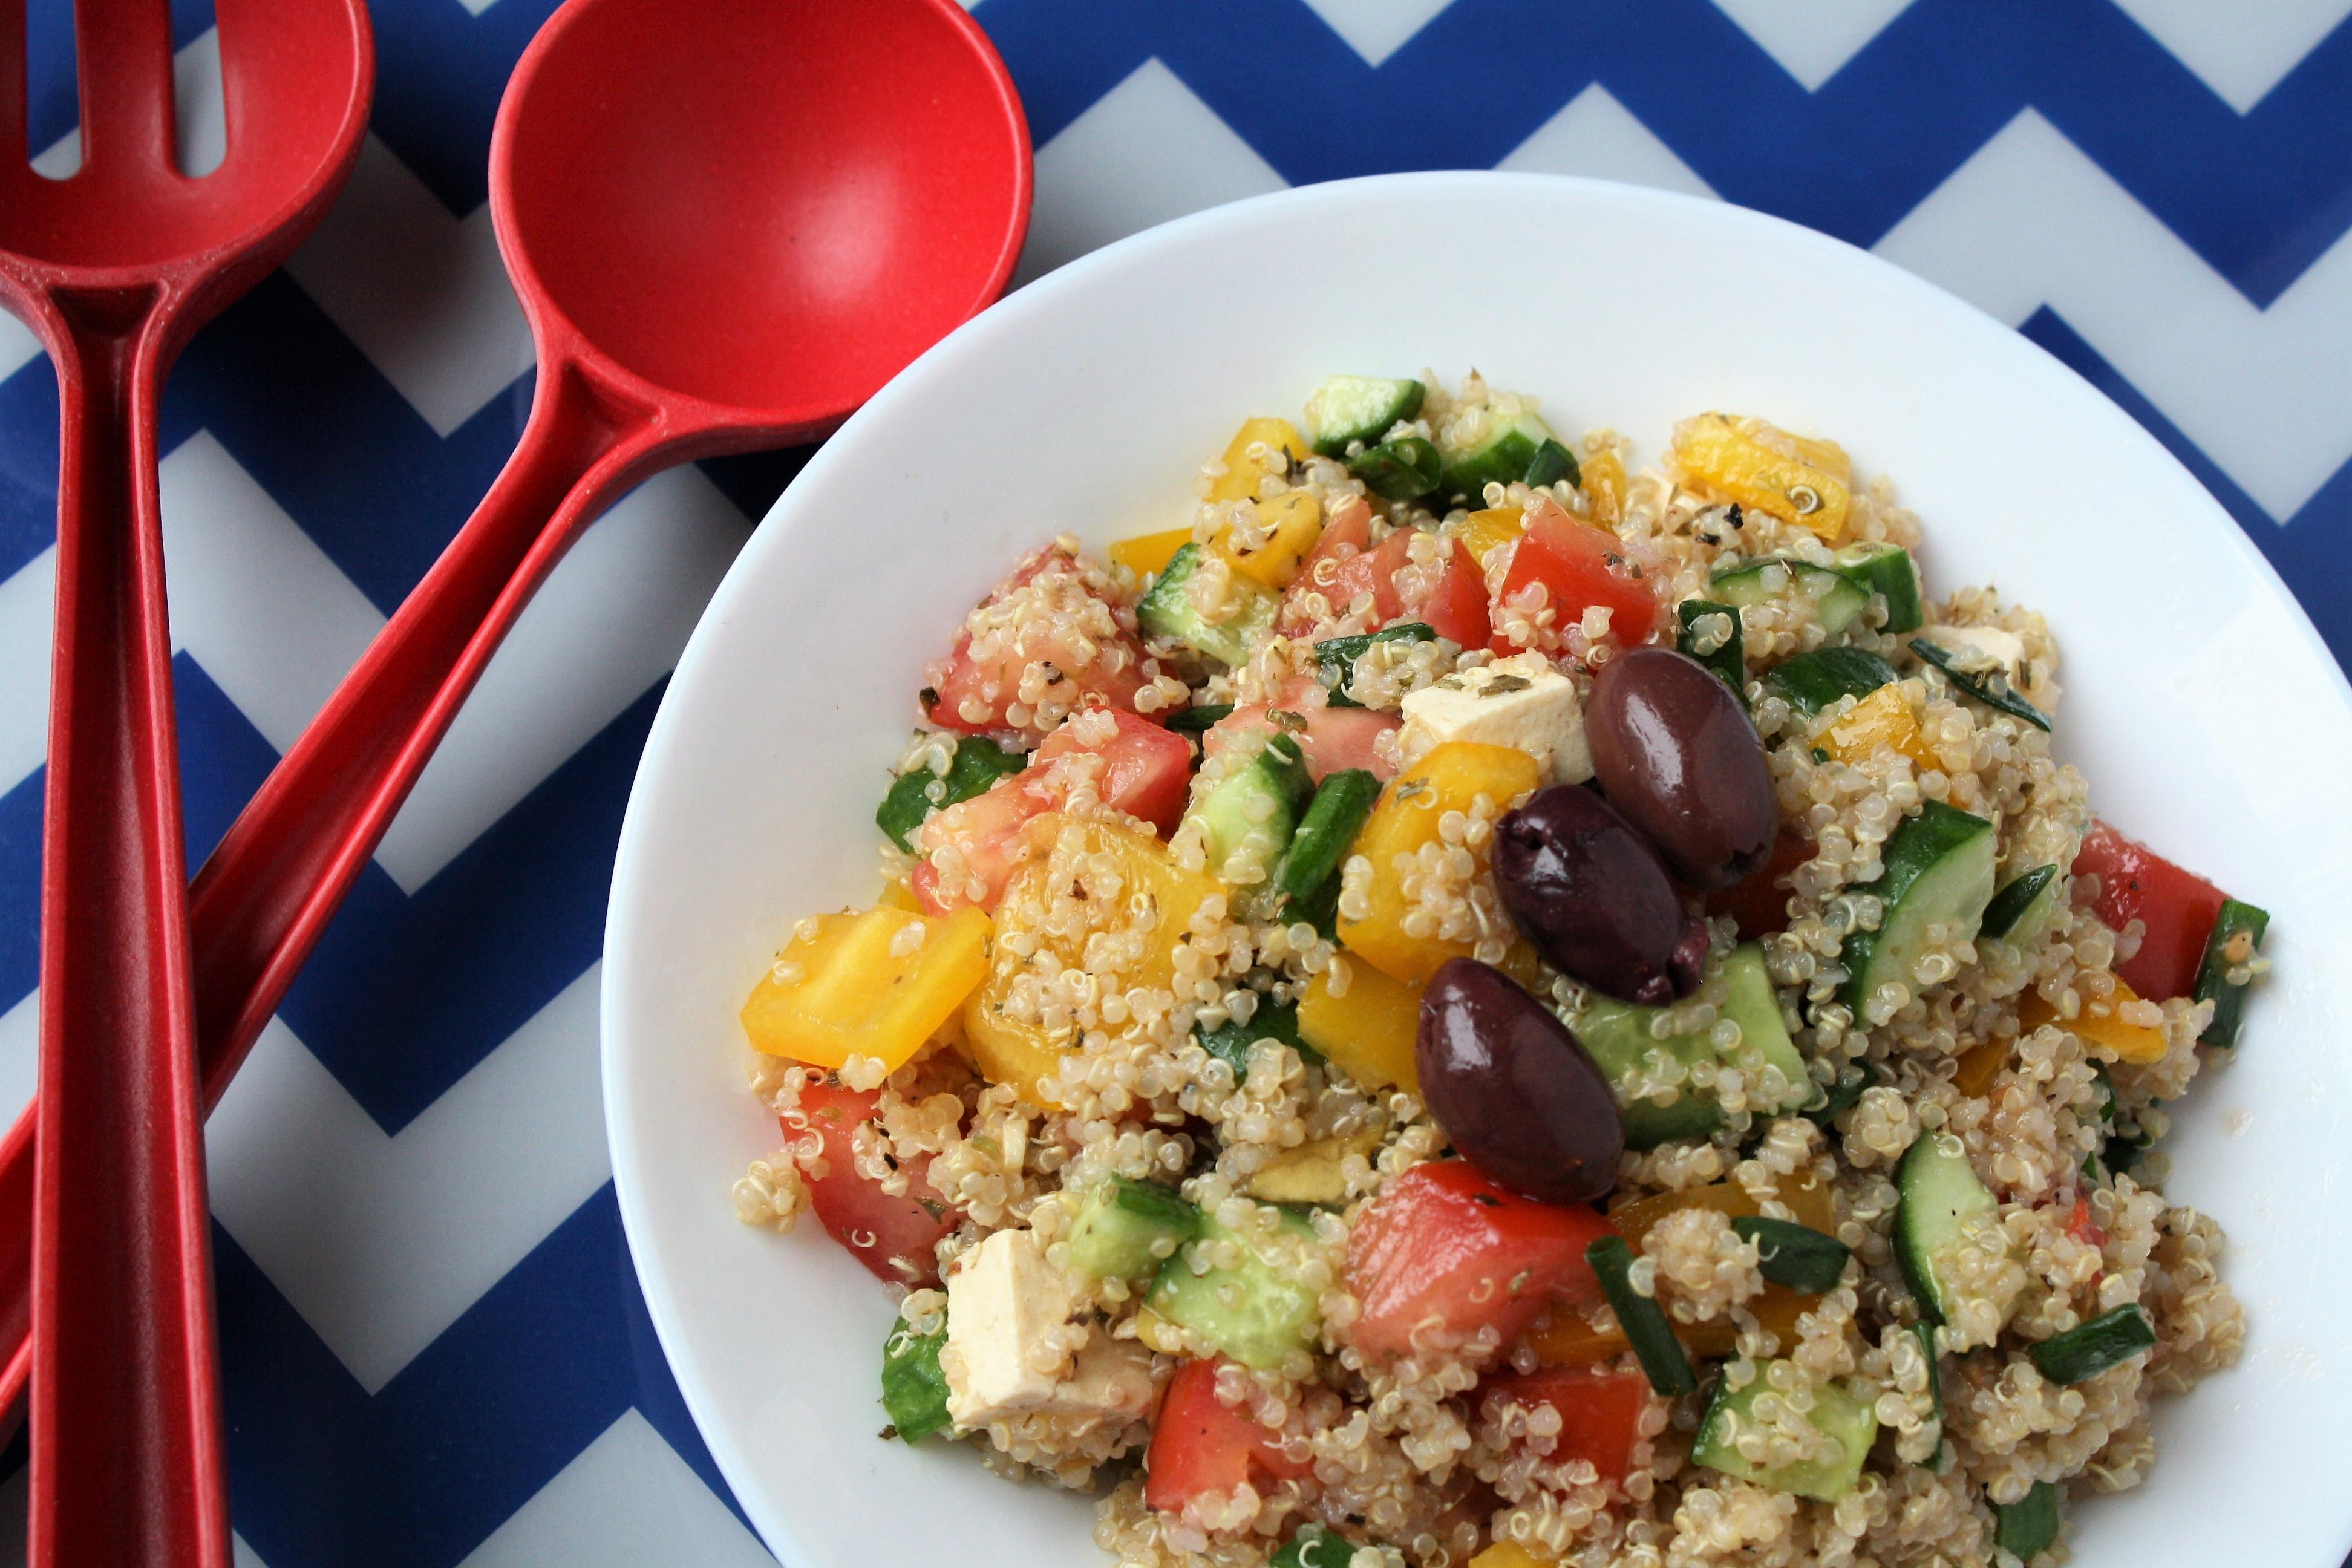 Greek Quinoa Salad with Tofu Feta